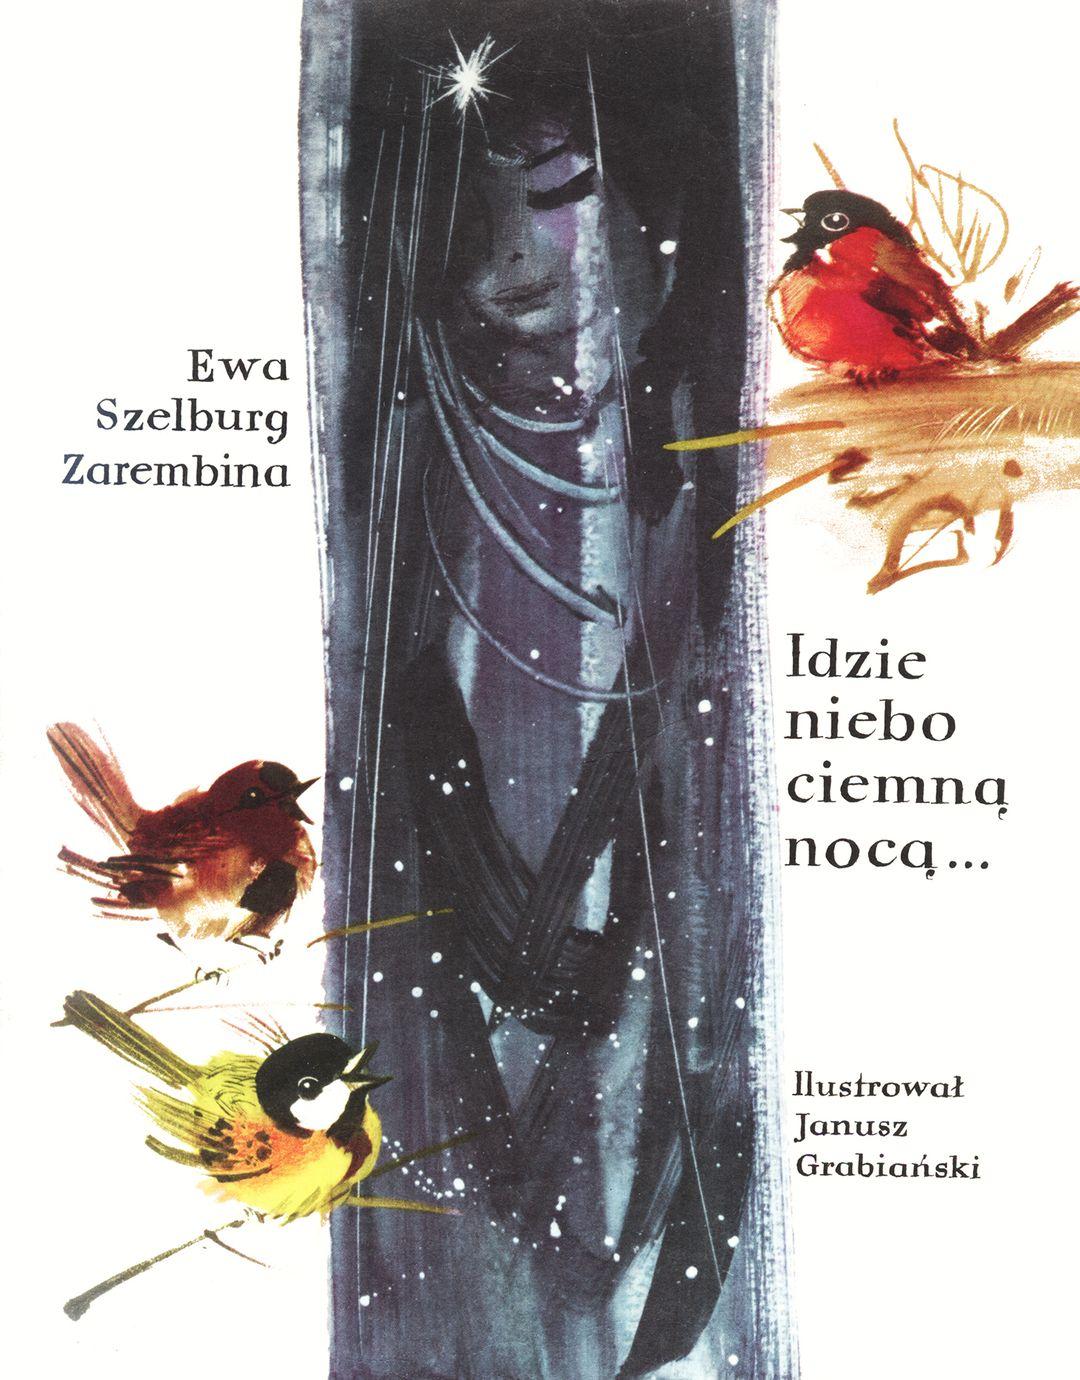 Idzie Niebo Ciemną Nocą Ewa Szelburg Zarembina Krakowczytapl